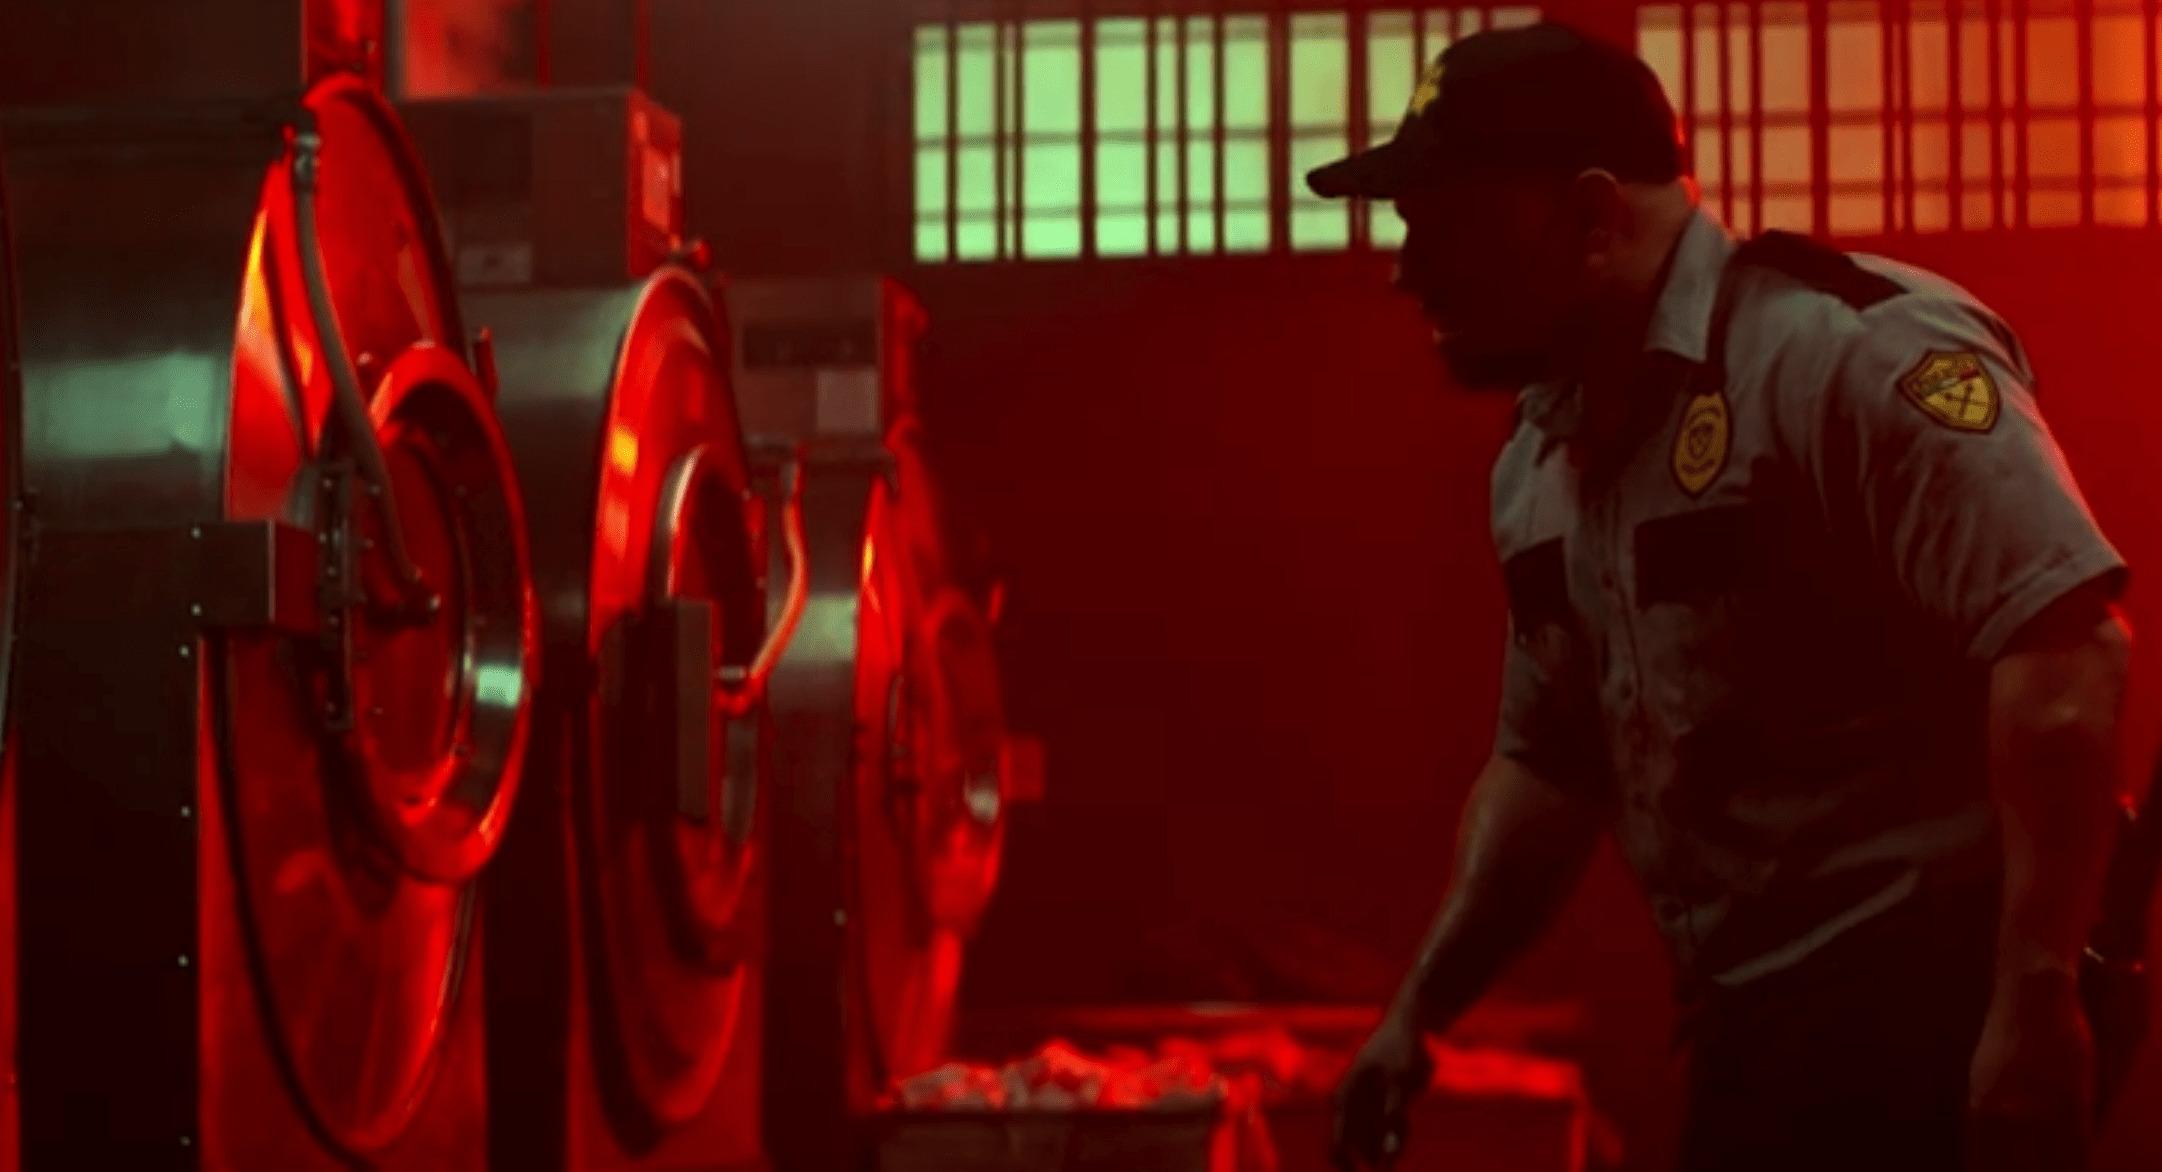 バッドボーイズ フォー・ライフを無料動画でネタバレ紹介する記事